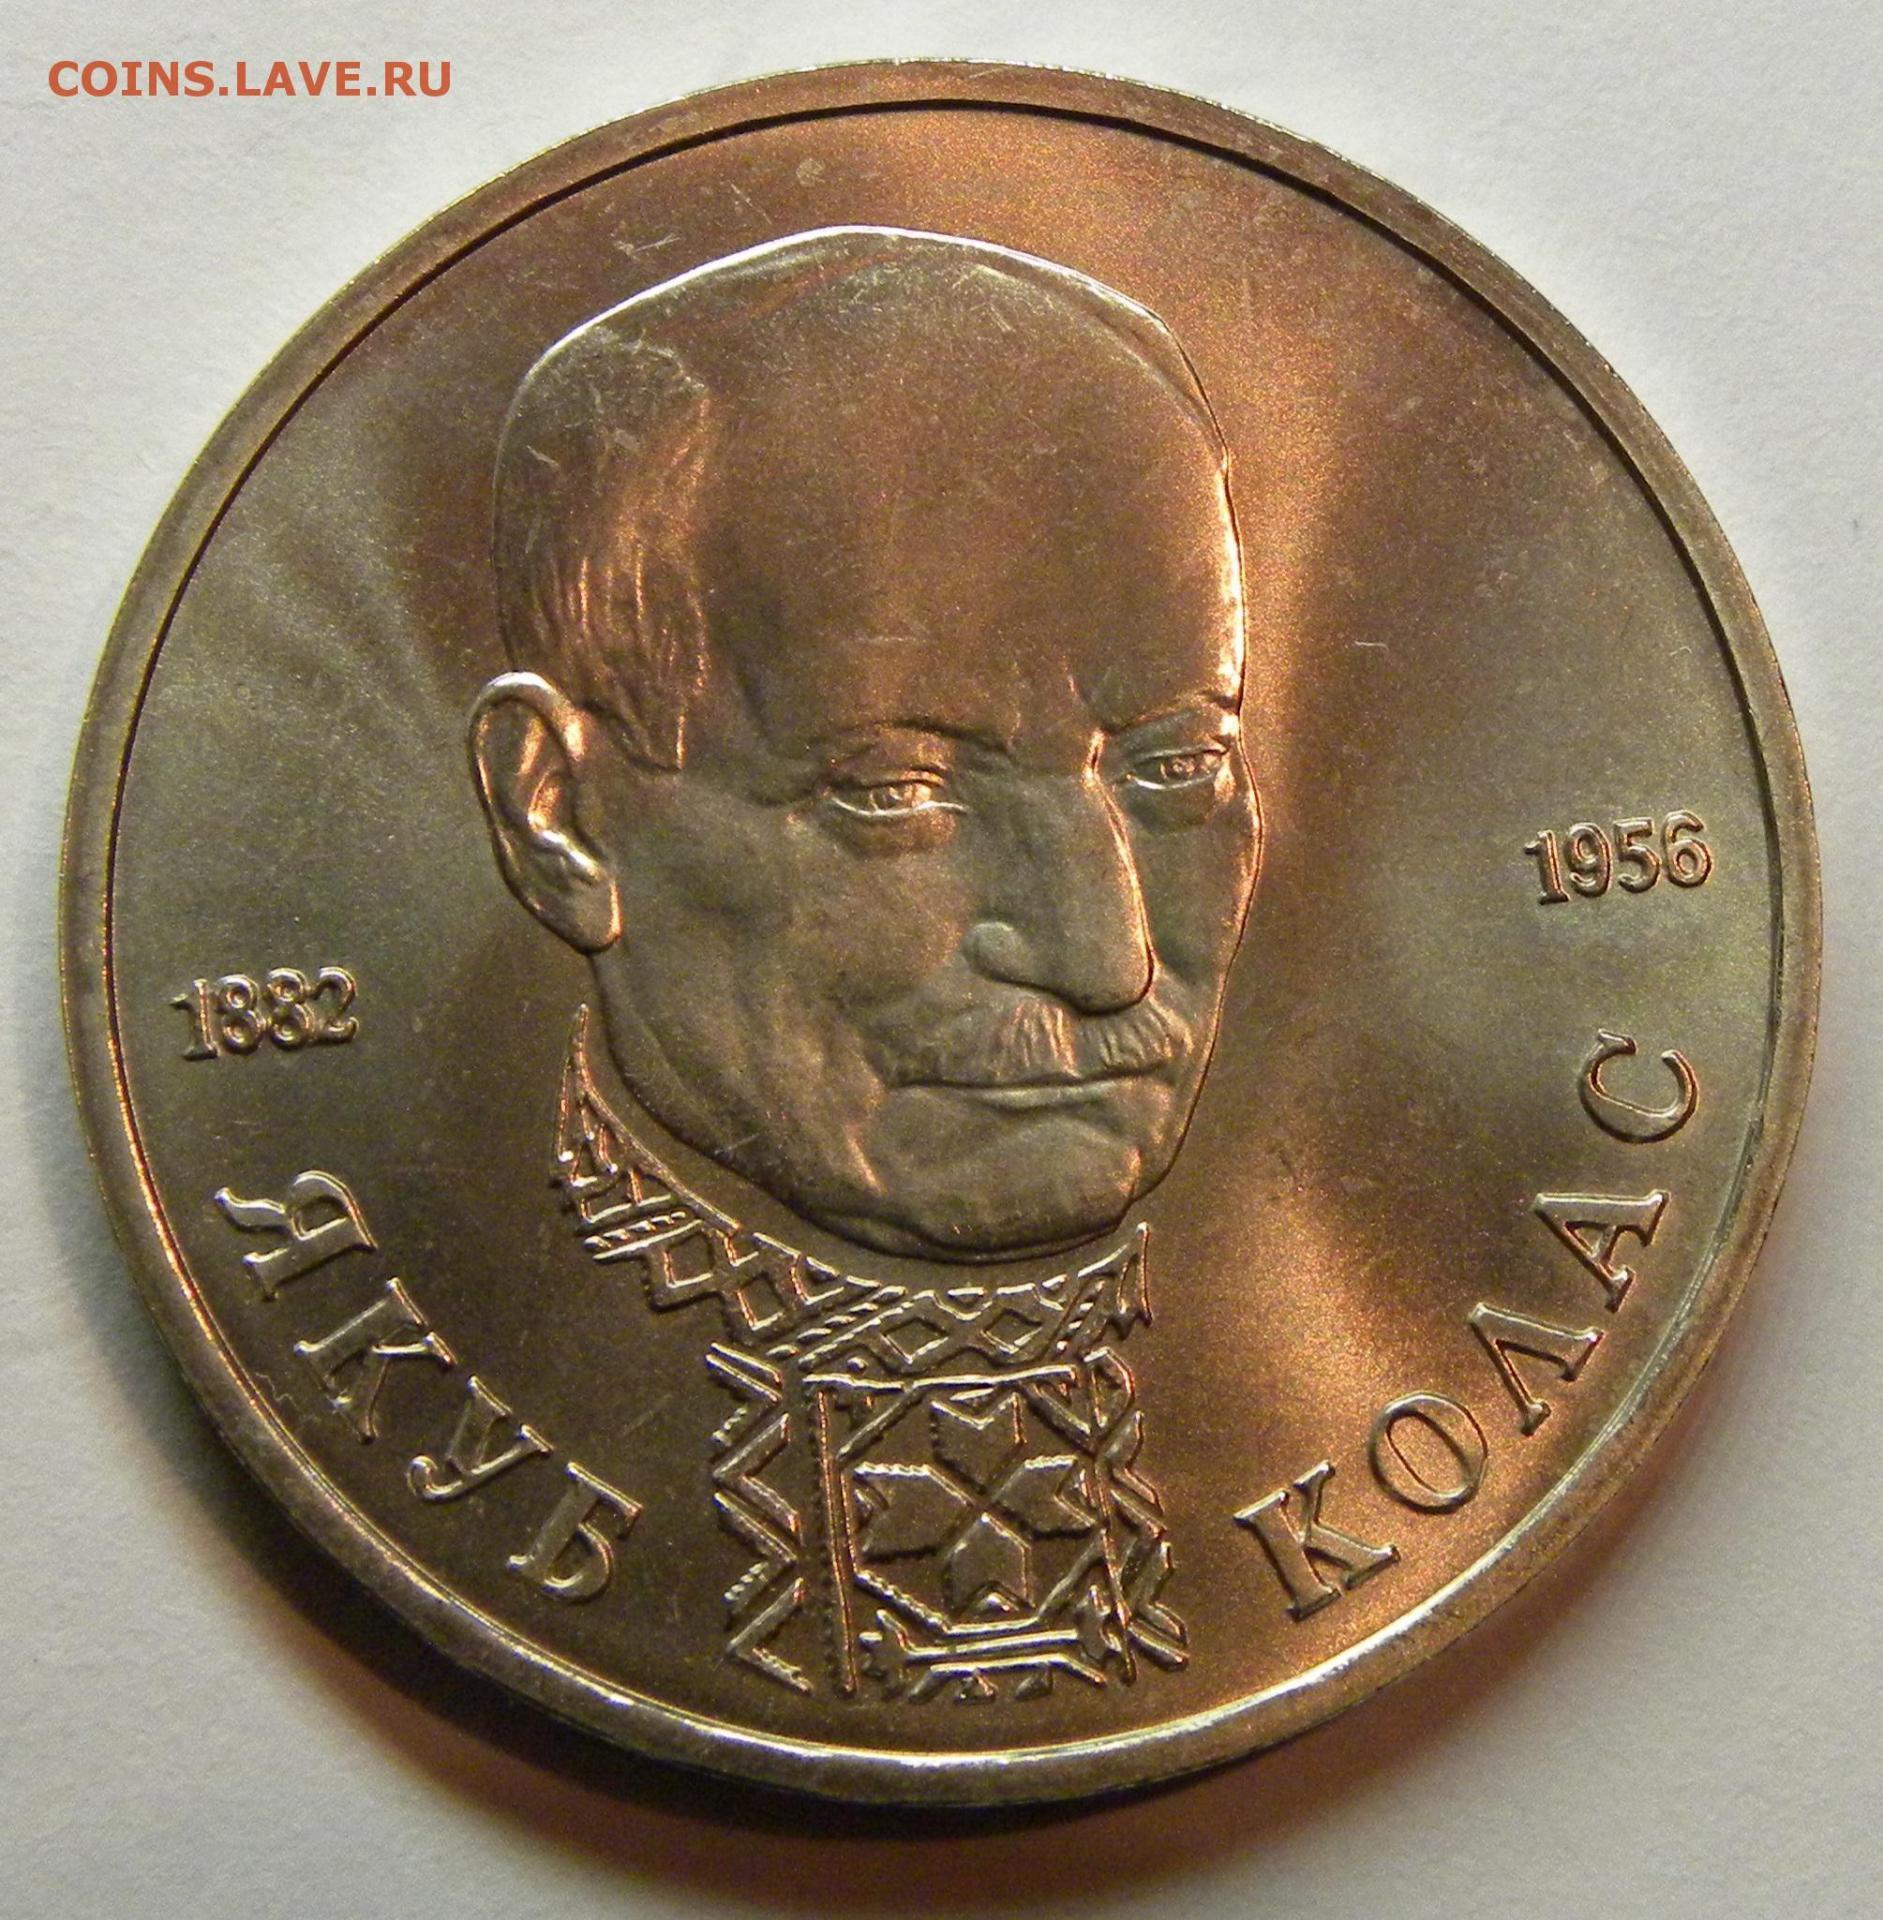 1 рубль якуб колас цена обмен редкими монетами